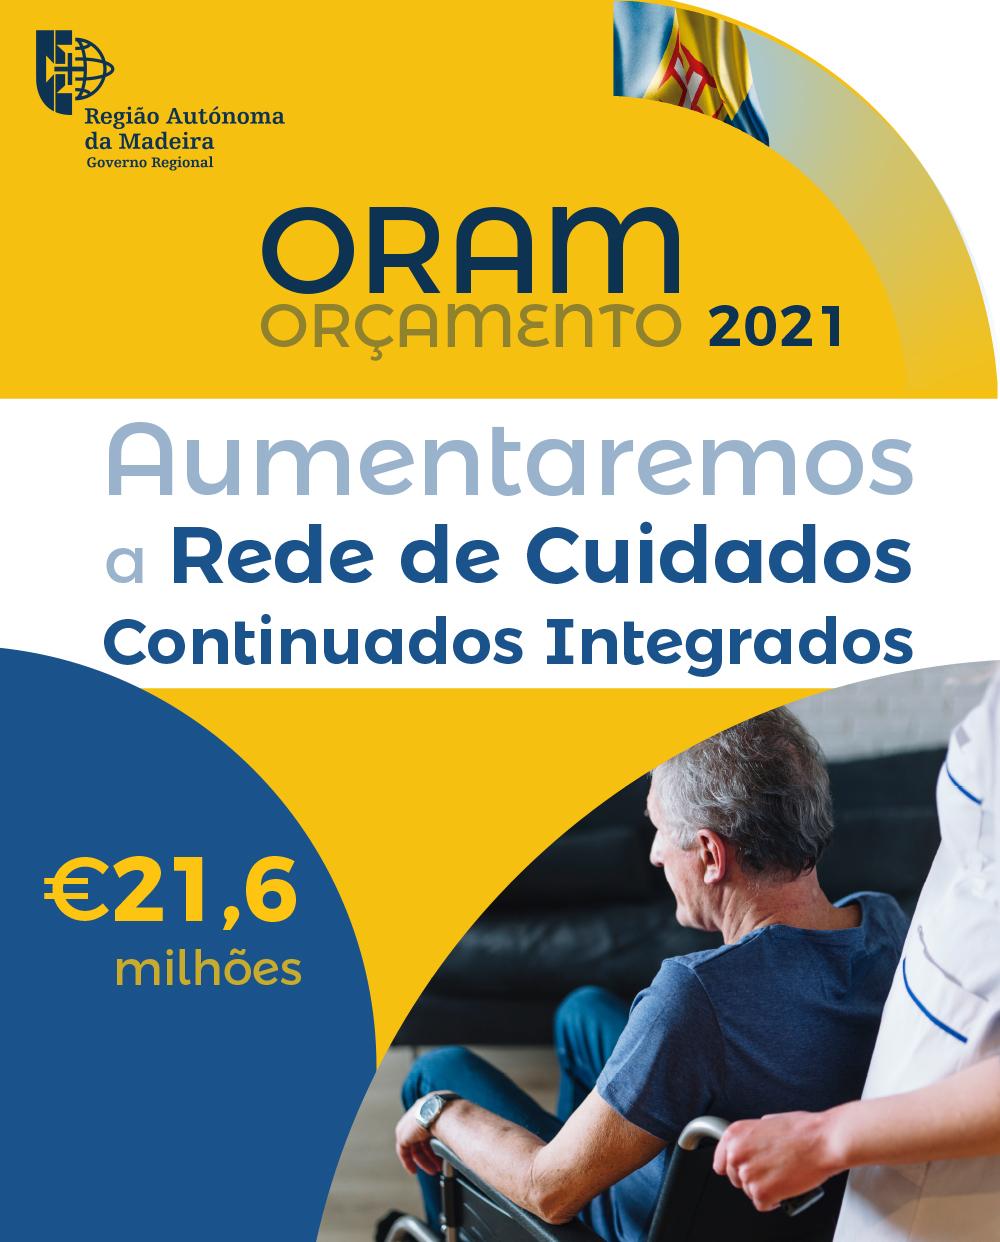 Orçamento Regional 2021